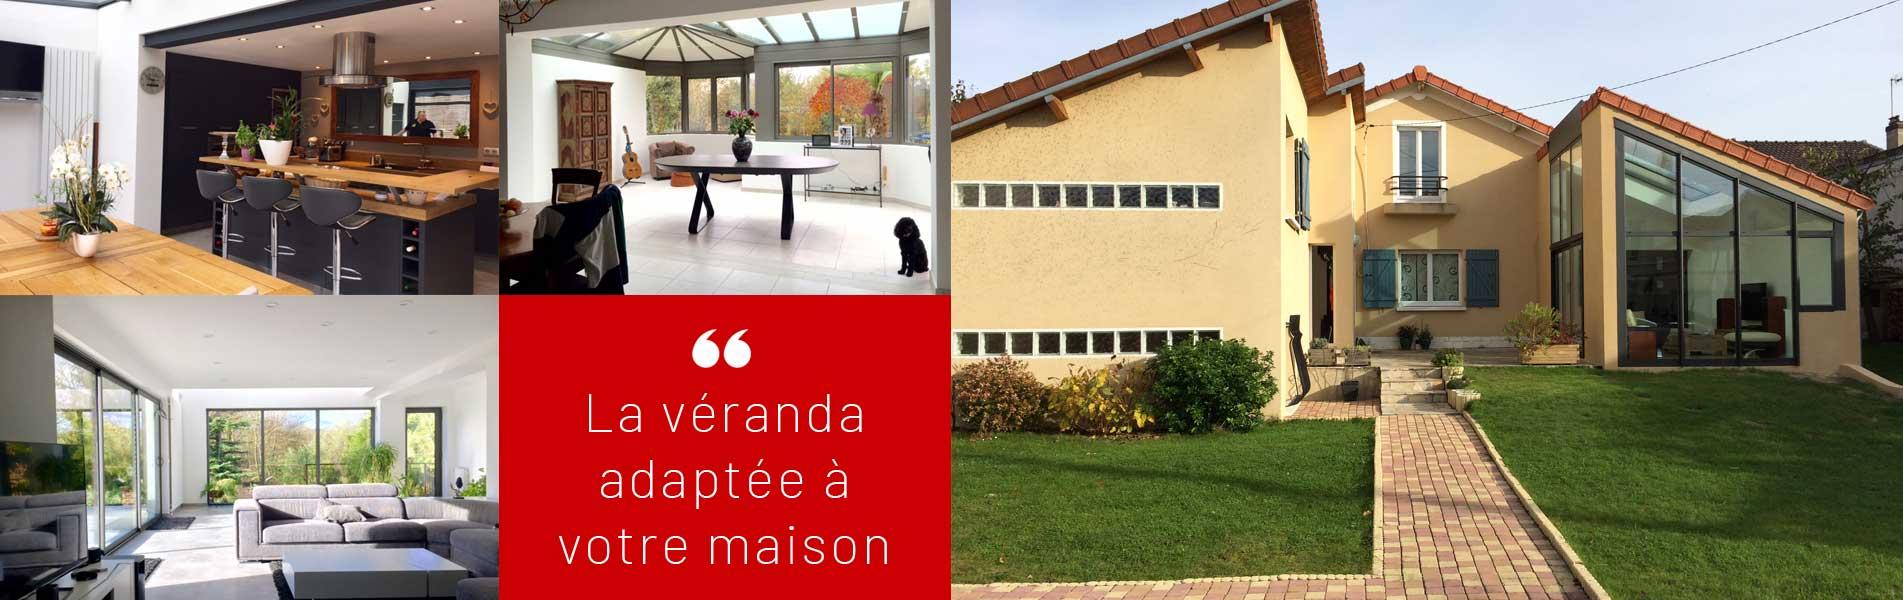 Maison Avec Travaux 77 fabricant créateur de véranda sur-mesure melun seine et marne 77